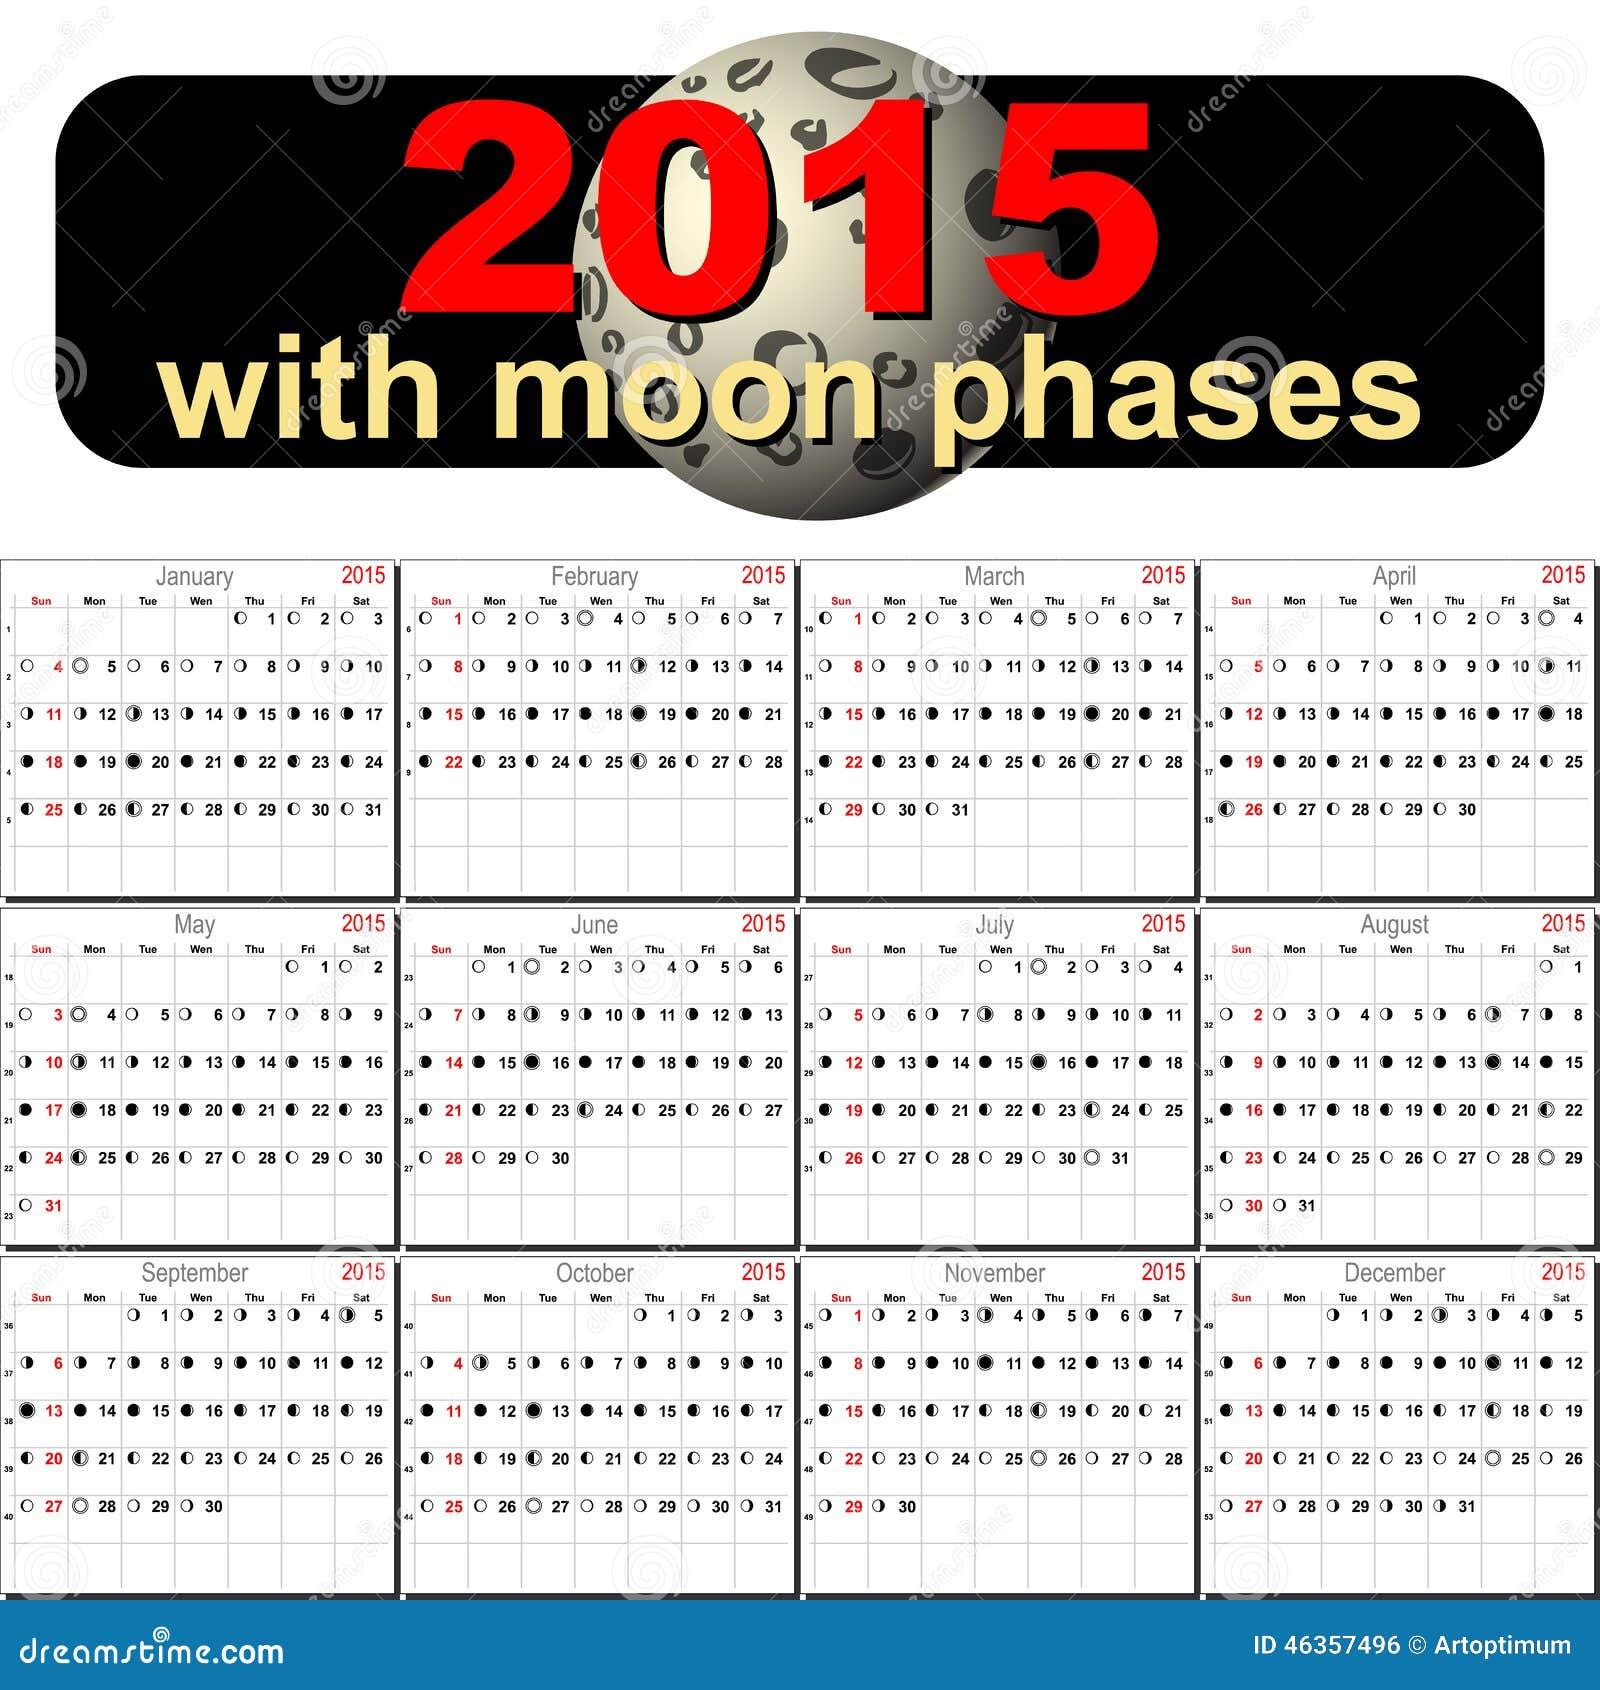 fases de la luna 2015 y 2016 calendario de fases lunares